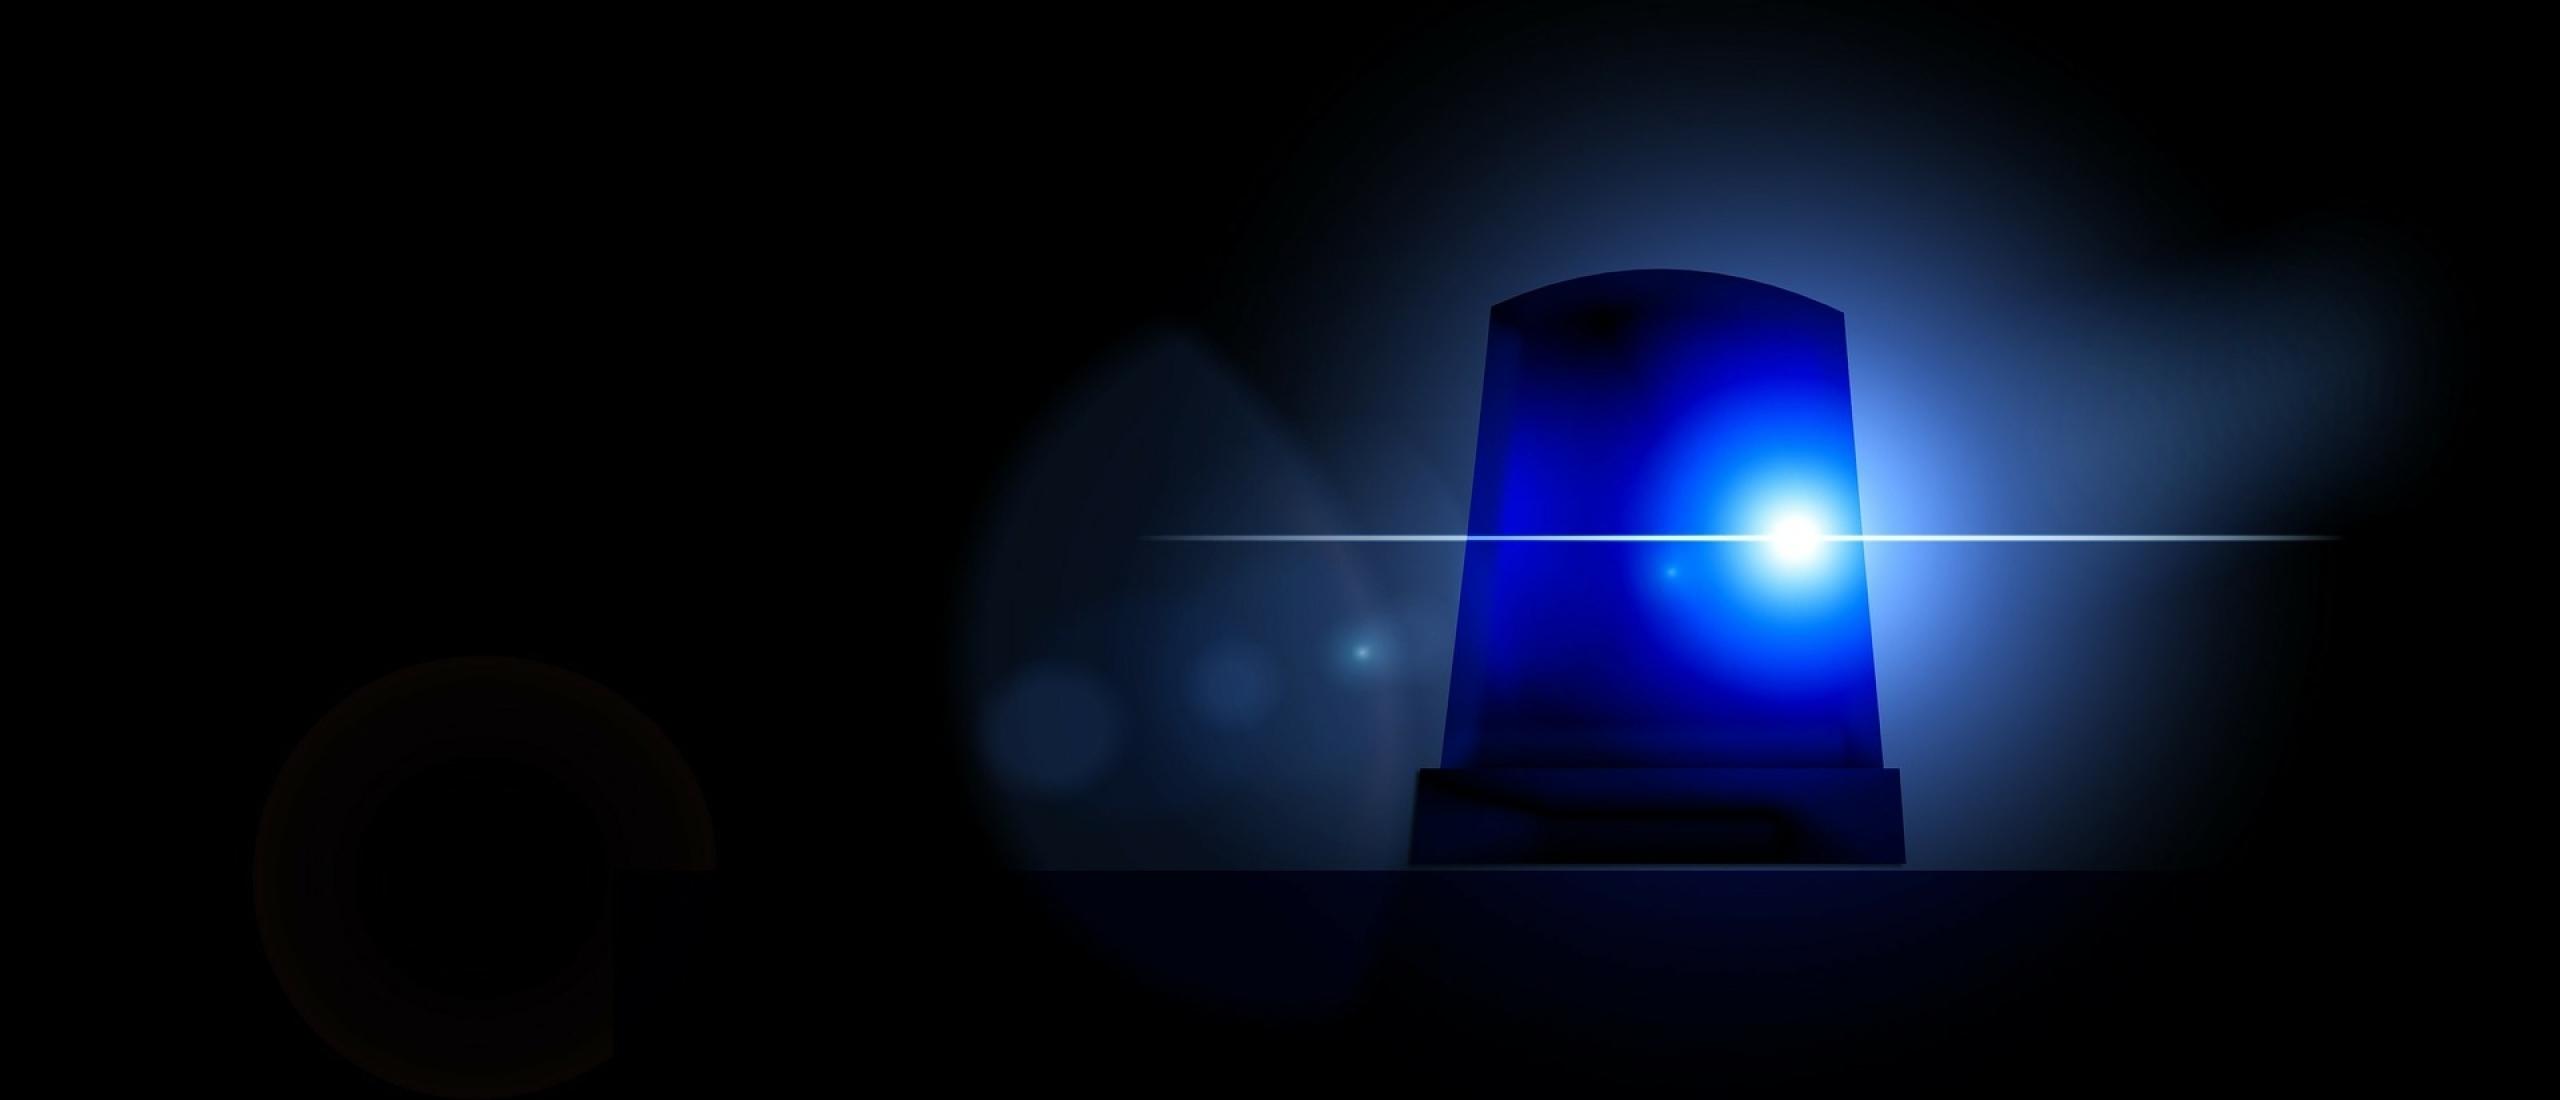 Verdenkt de politie je van diefstal?